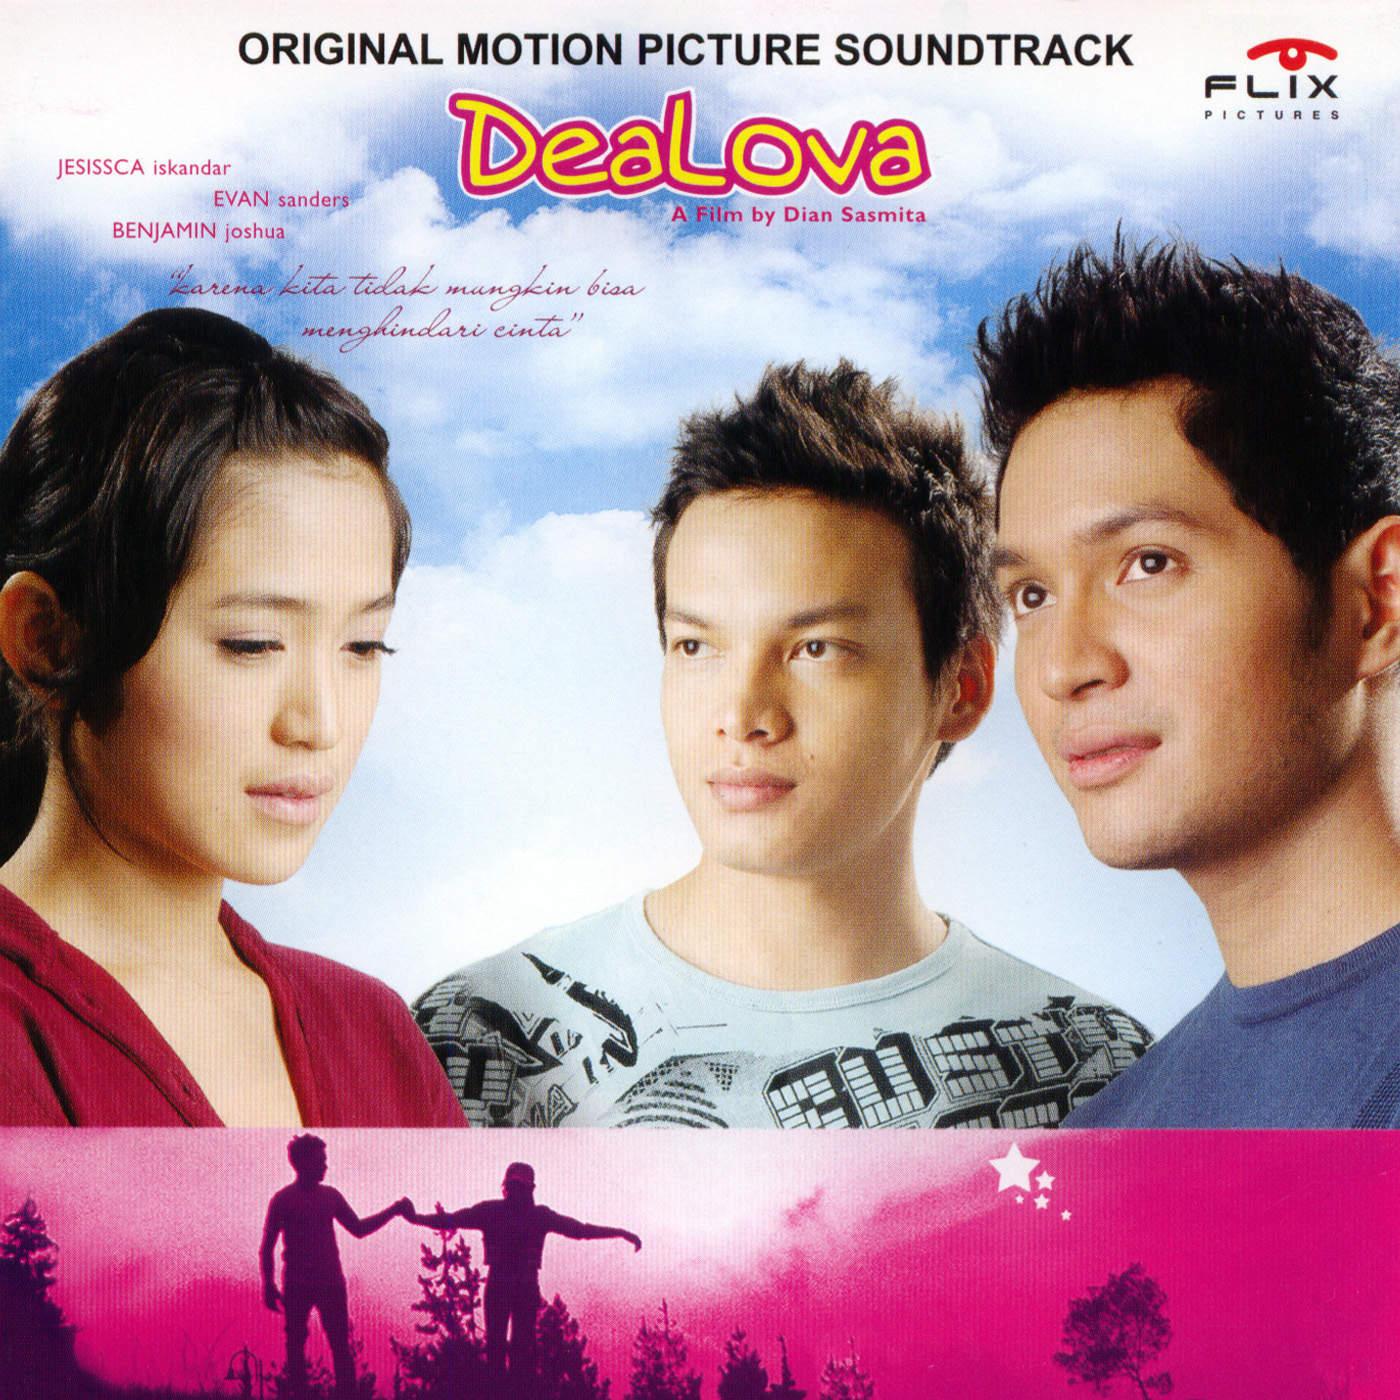 Various Artists - Dealova (Original Motion Picture Soundtrack) - Album (2005) [iTunes Plus AAC M4A]